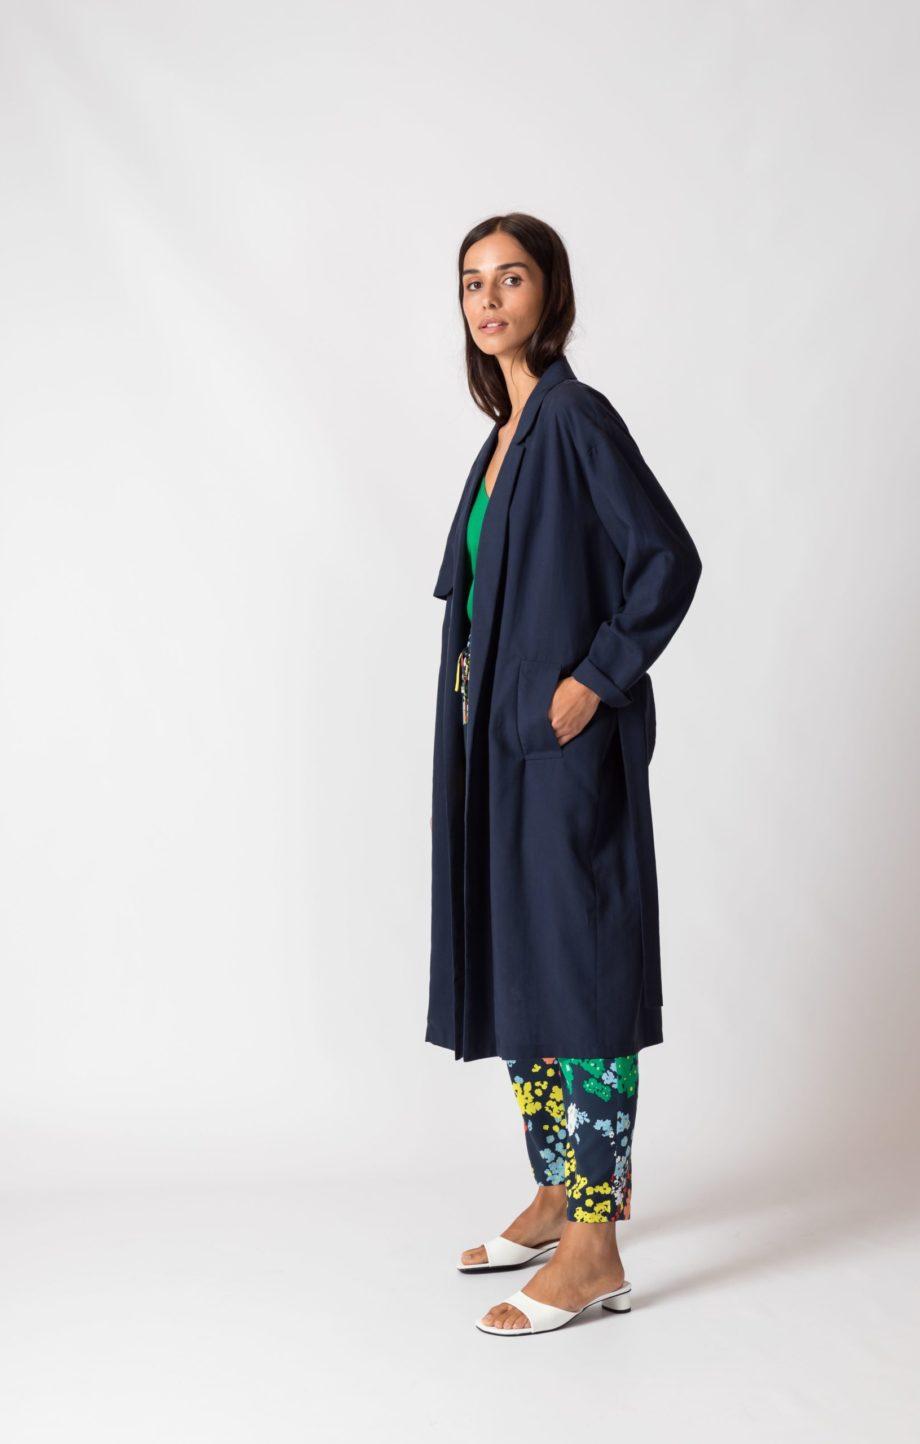 Frau trägt dunkelblauen Trenchcoat von SKFK (LIDE) mit abnehmbarem Gürtelband und seitlichen Eingriffstaschen in Midi-Länge. Fließende Kontur durch weiches Lycocell. Nachhaltig. / Seitenansicht / pussyGALORE / Leipzig